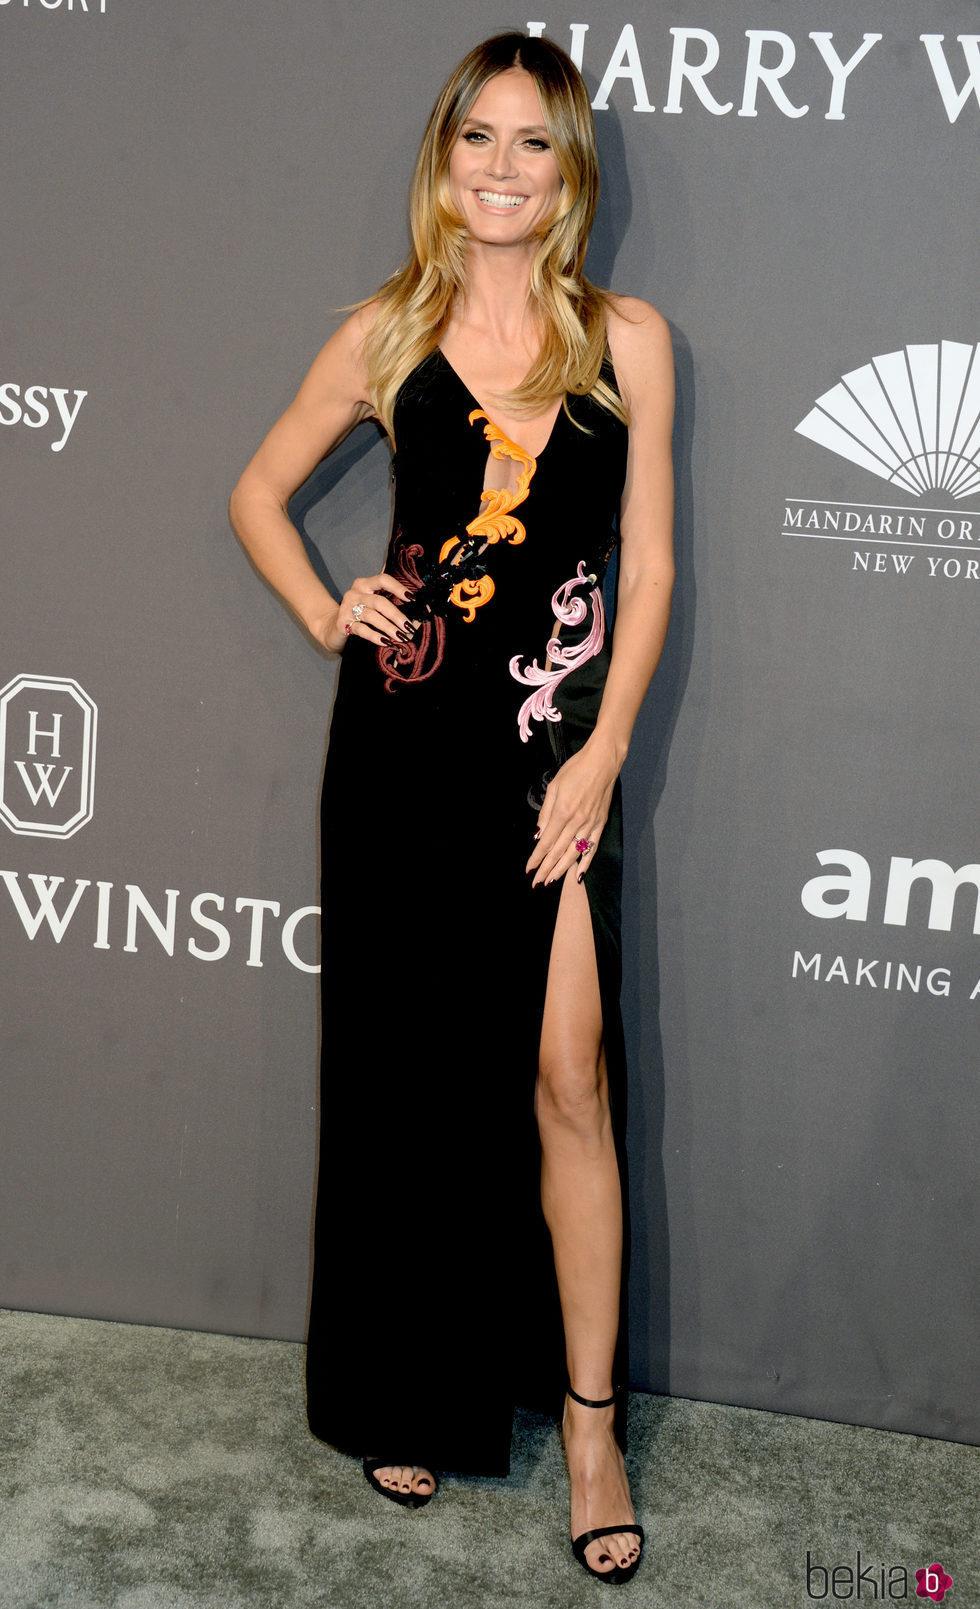 Heidi Klum en la Gala amfAR 2017 en Nueva York